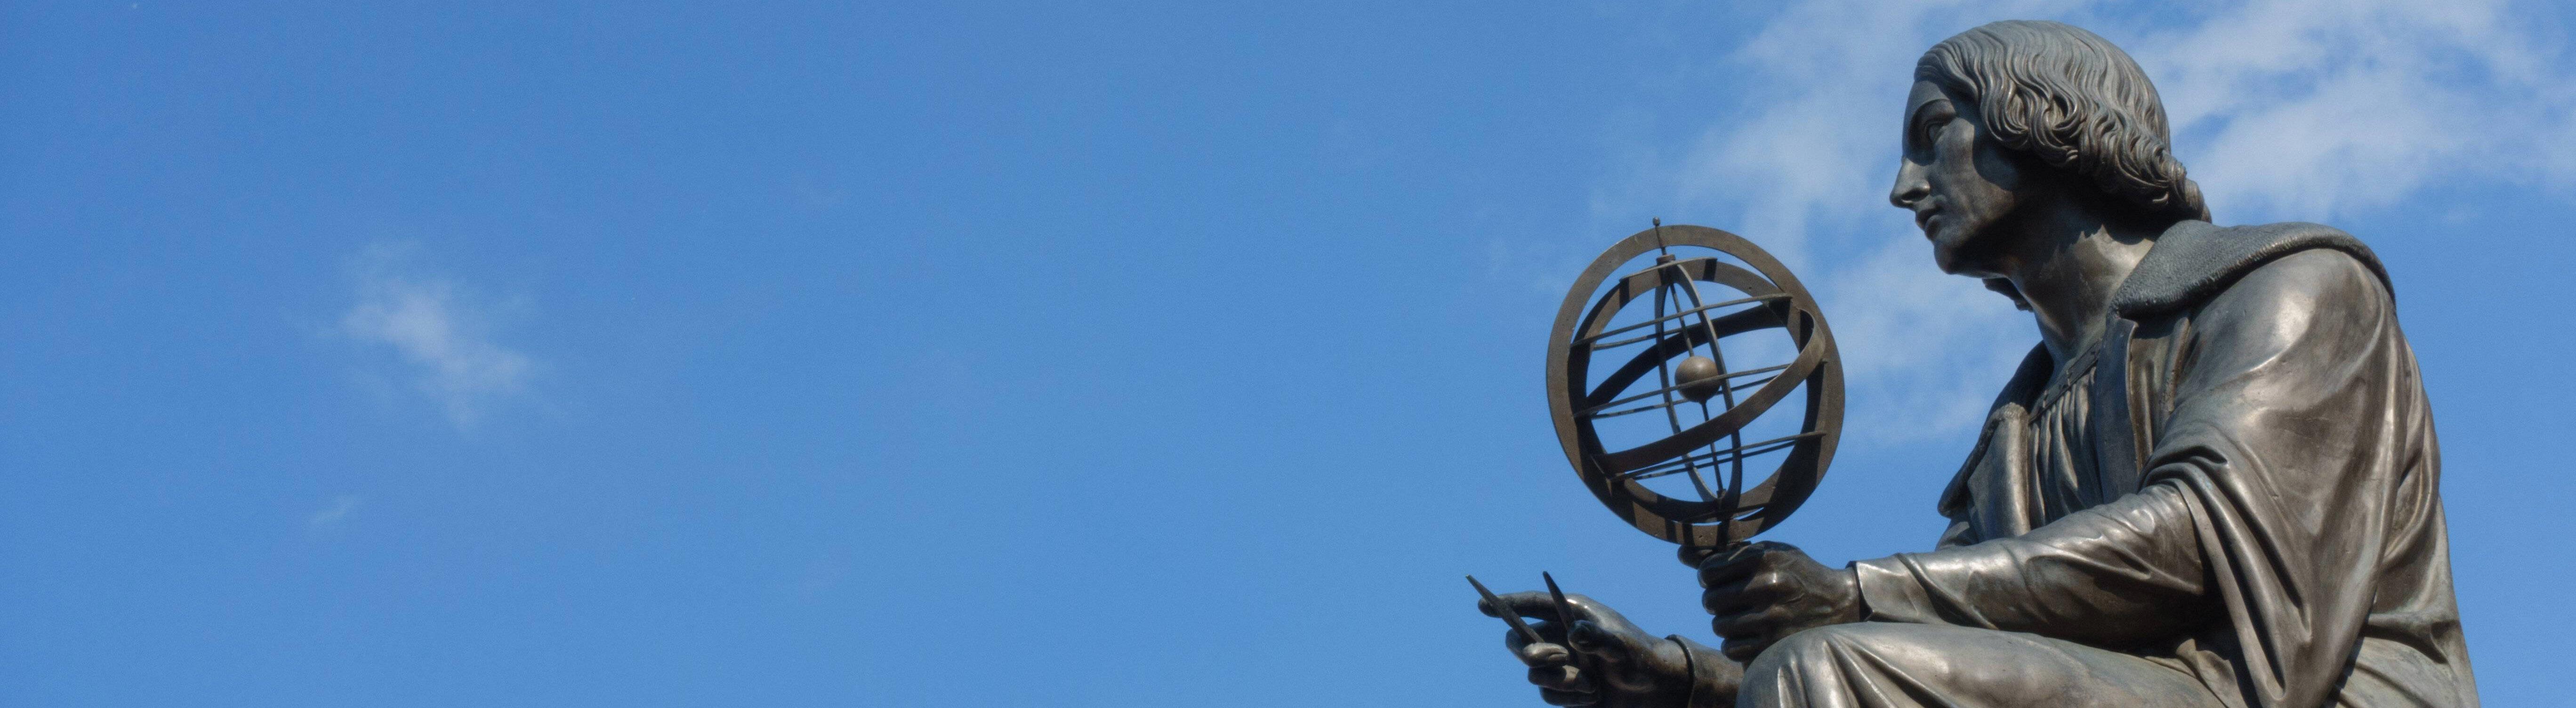 Eine Statue des Astronomen Nicolaus Copernicus.